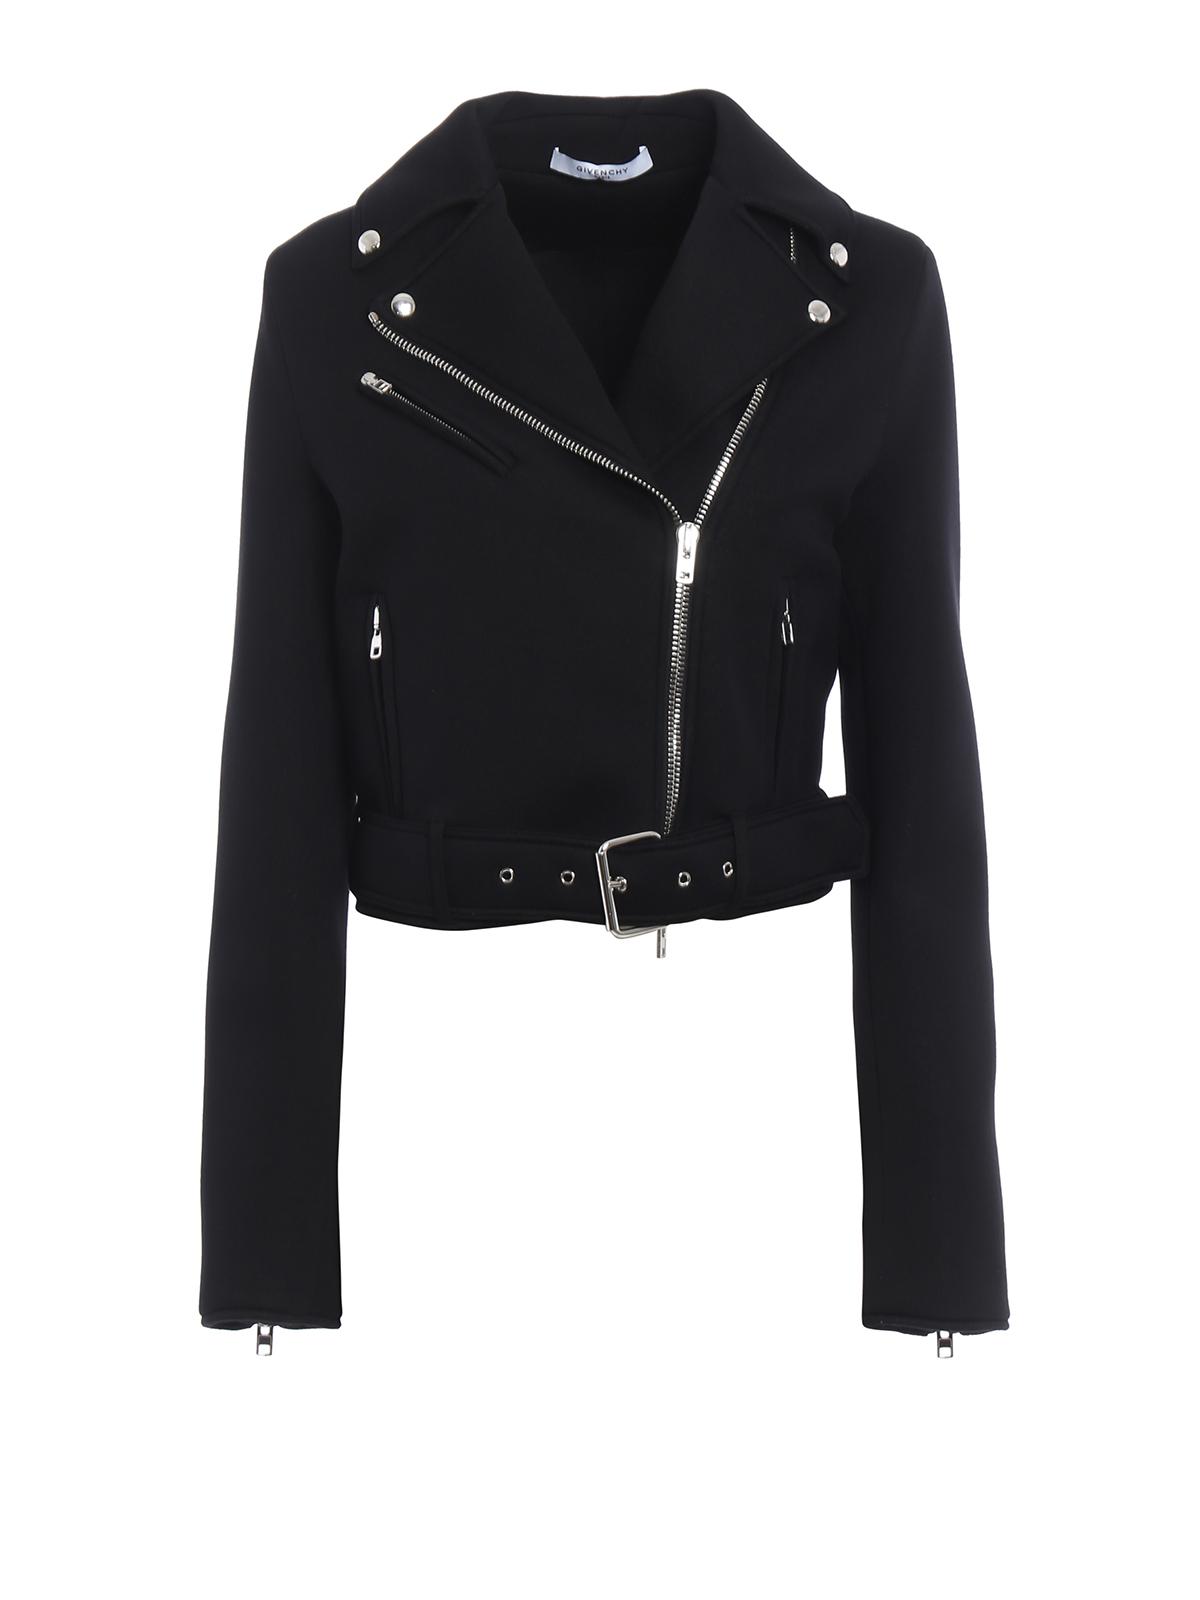 nueva productos 76093 500e8 Givenchy - Chaqueta De Cuero Negras Para Mujer - Chaquetas ...